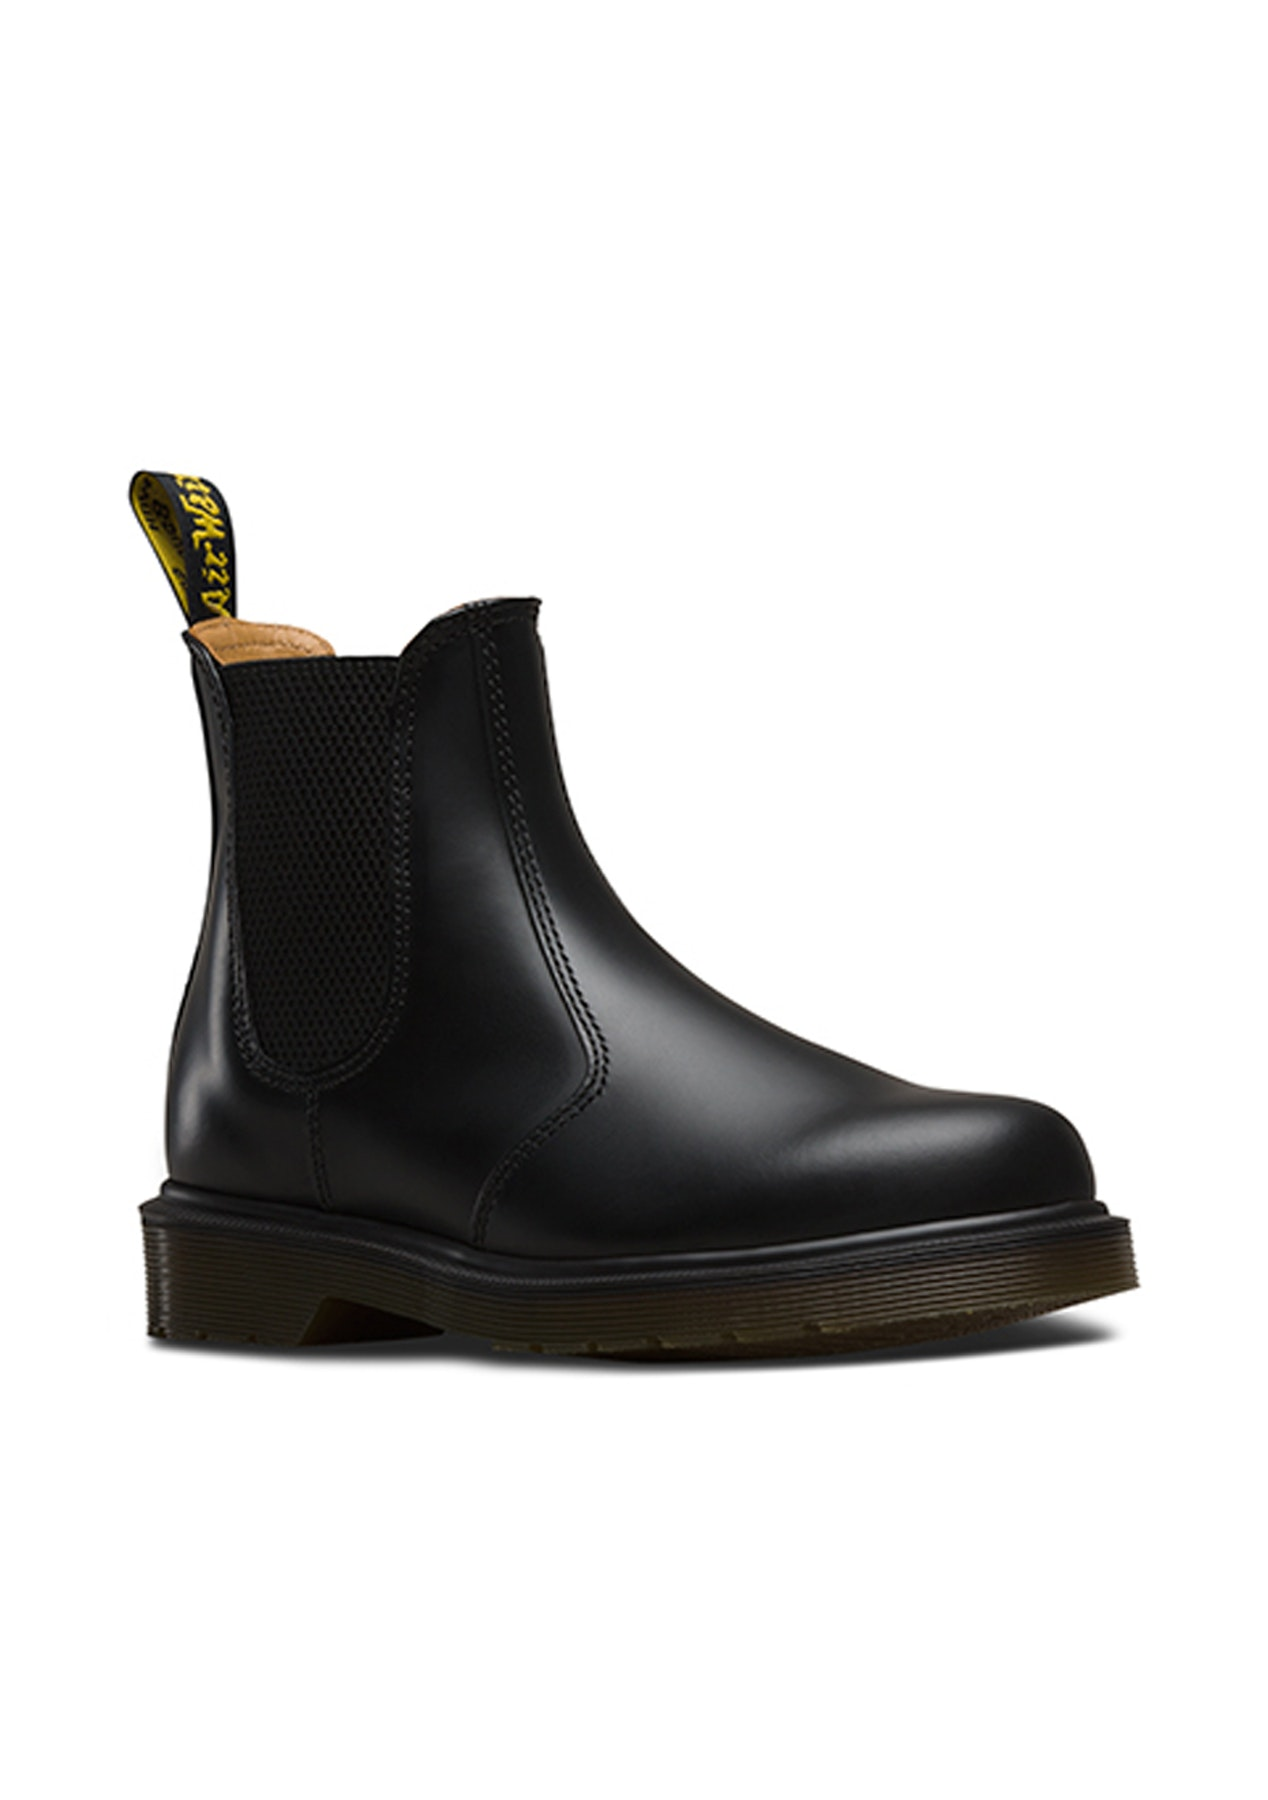 dr martens 2976 chelsea boot black smooth dr martens. Black Bedroom Furniture Sets. Home Design Ideas